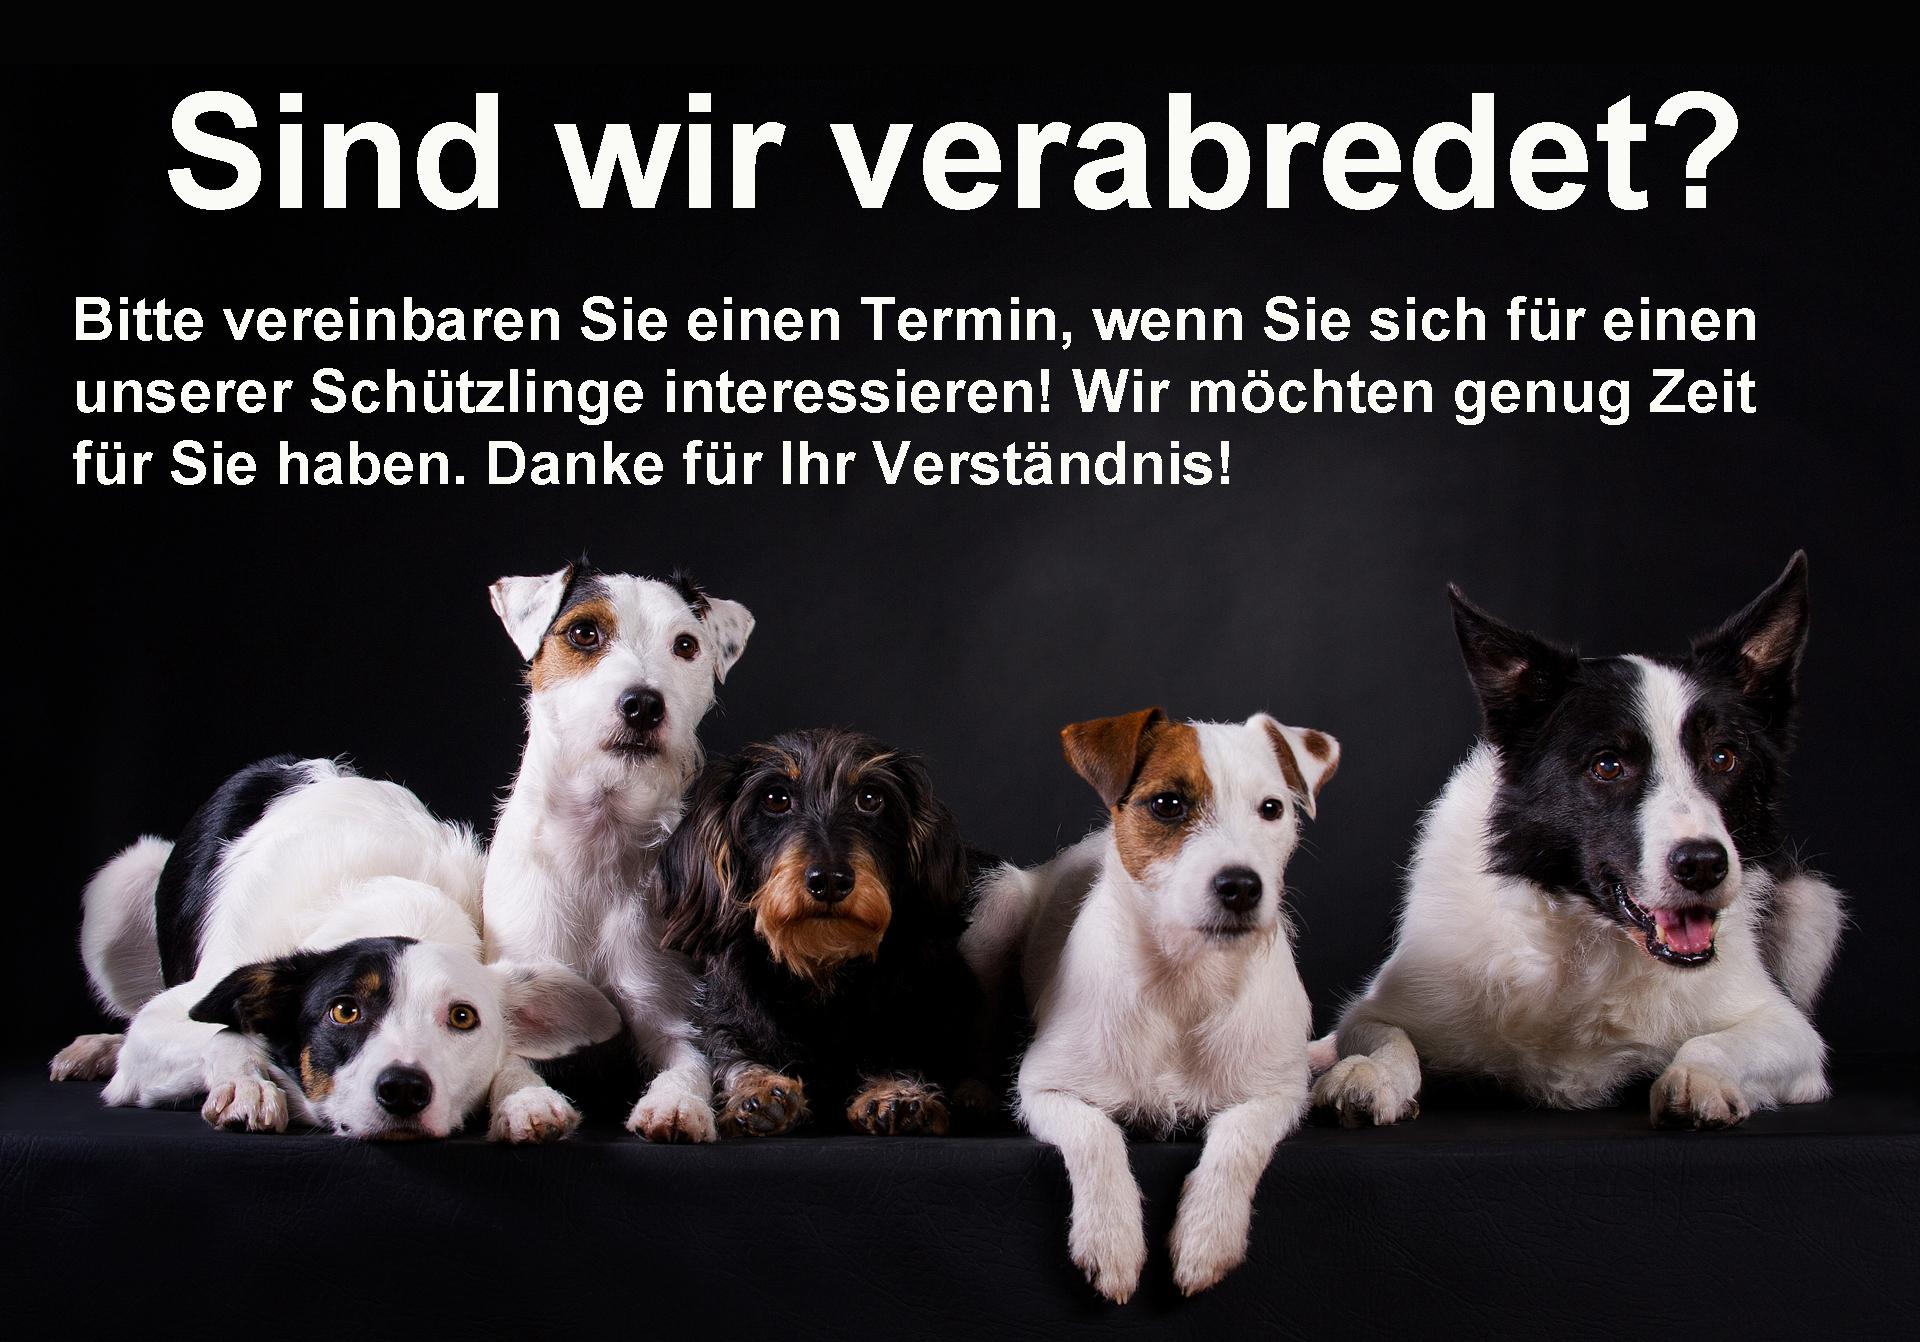 Sind-wir-verabredet-Poster2